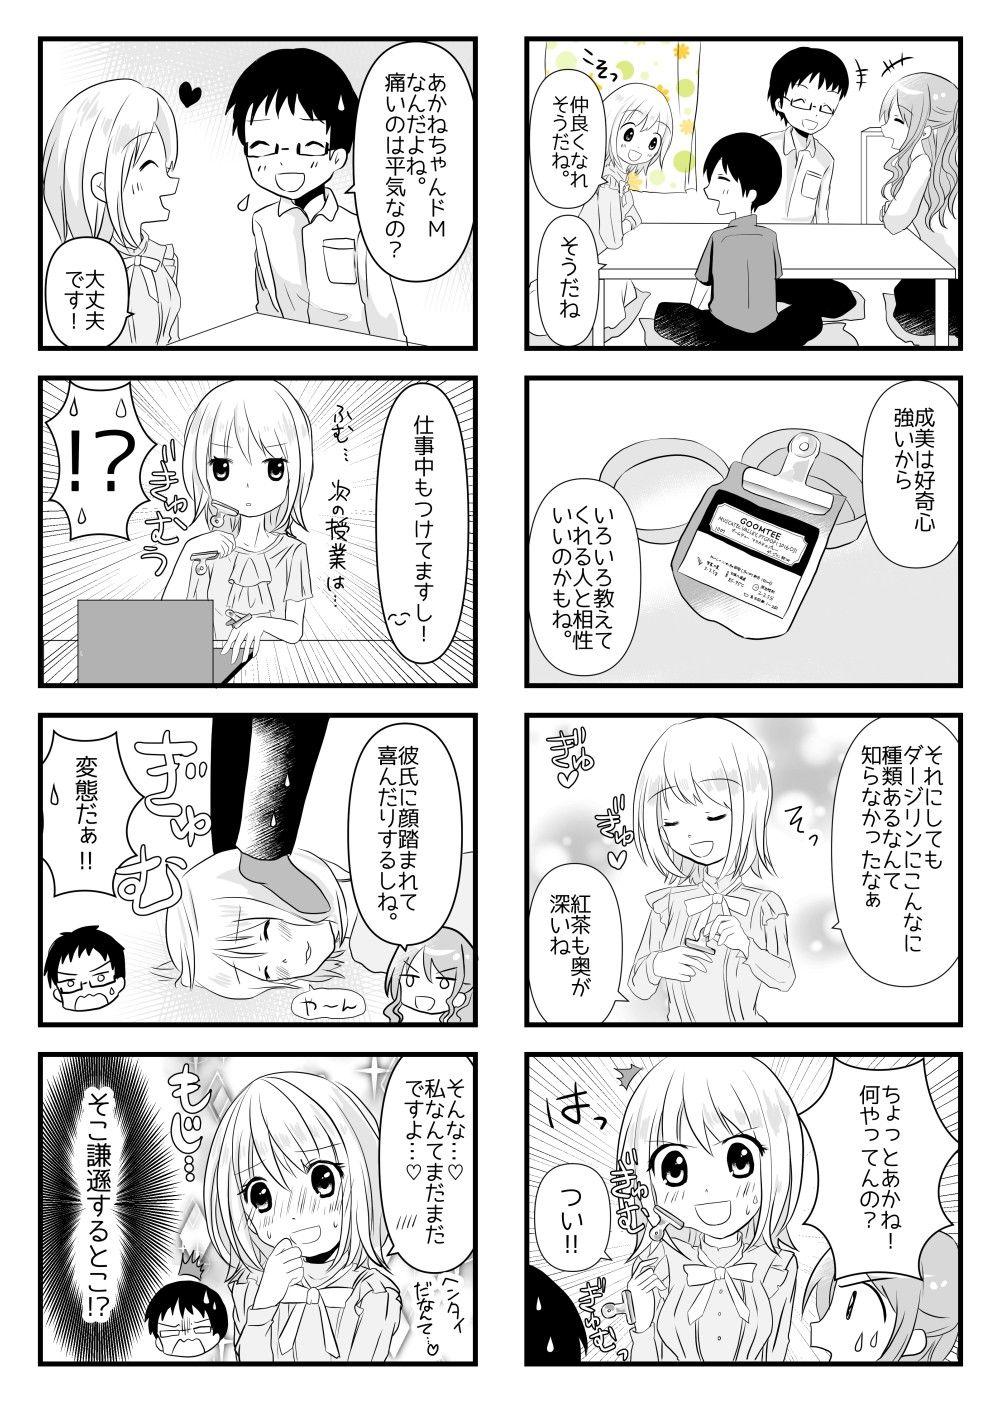 「彼女とふぇちプレイ」(氷室芹夏)